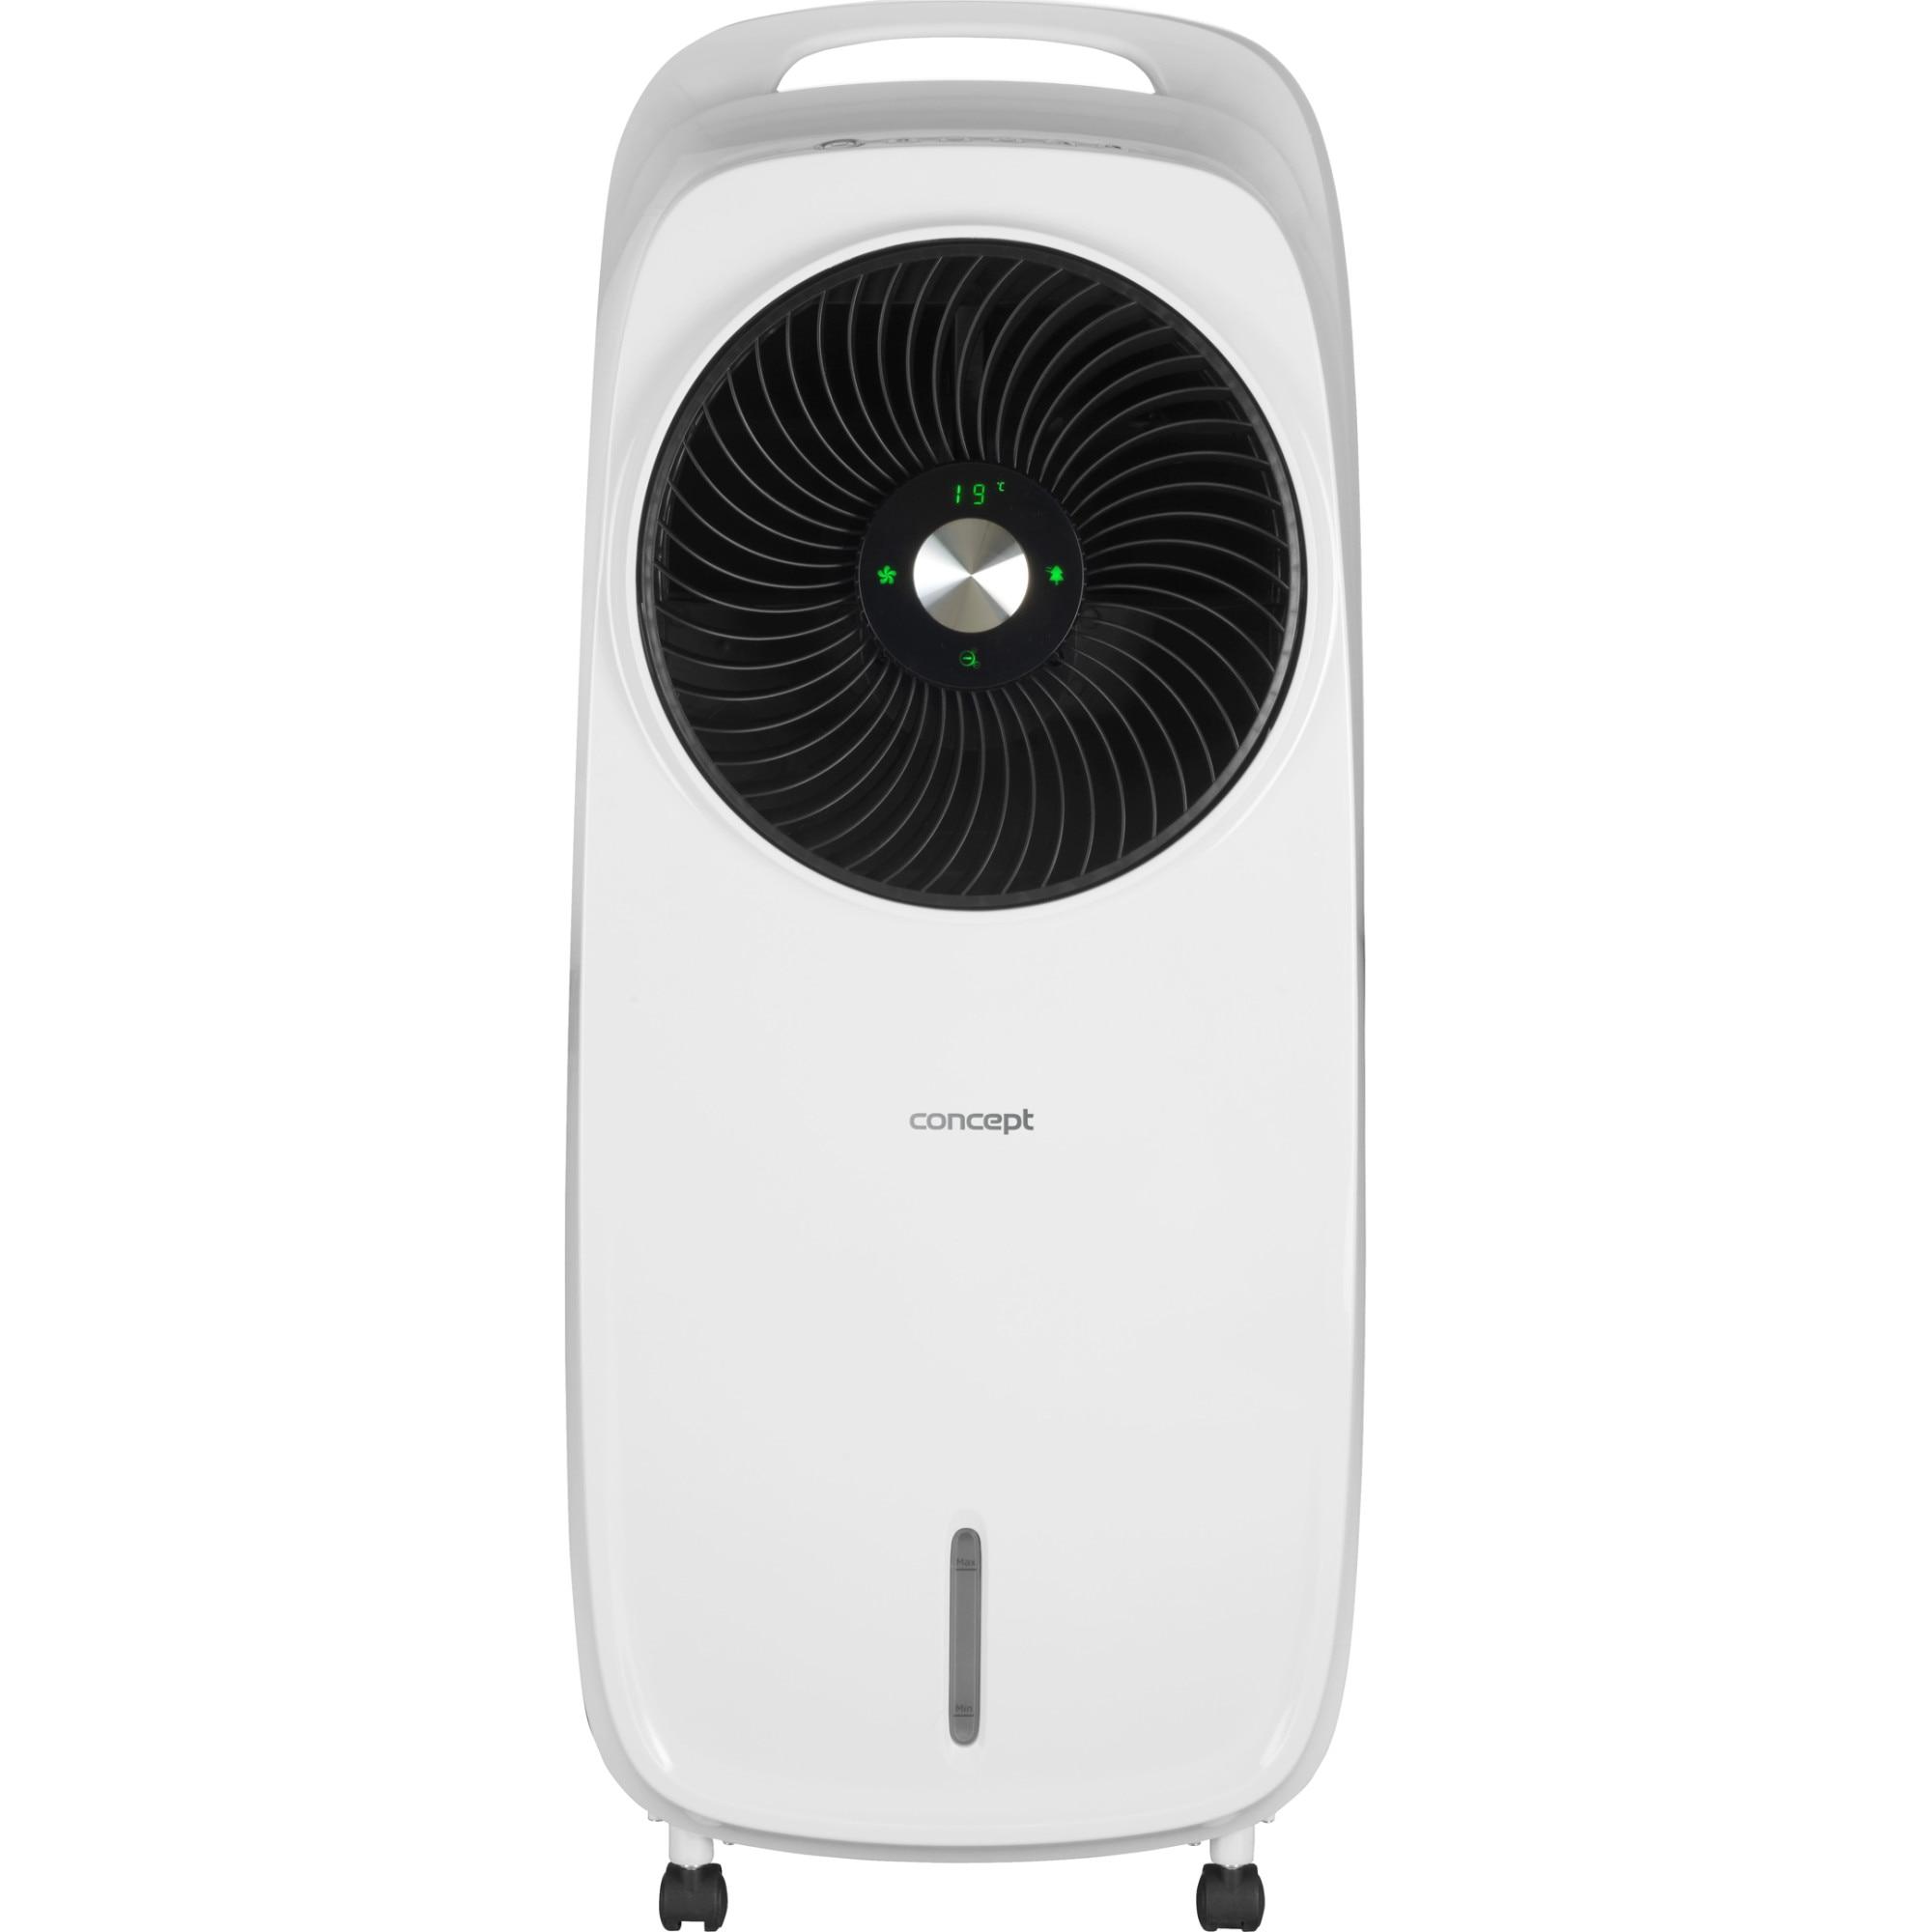 Fotografie Racitor de aer Concept OV5200, 110 W, 4 moduri de functionare, 3 trepte de viteza, functie ionizare, display LED, filtru lavabil, telecomanda